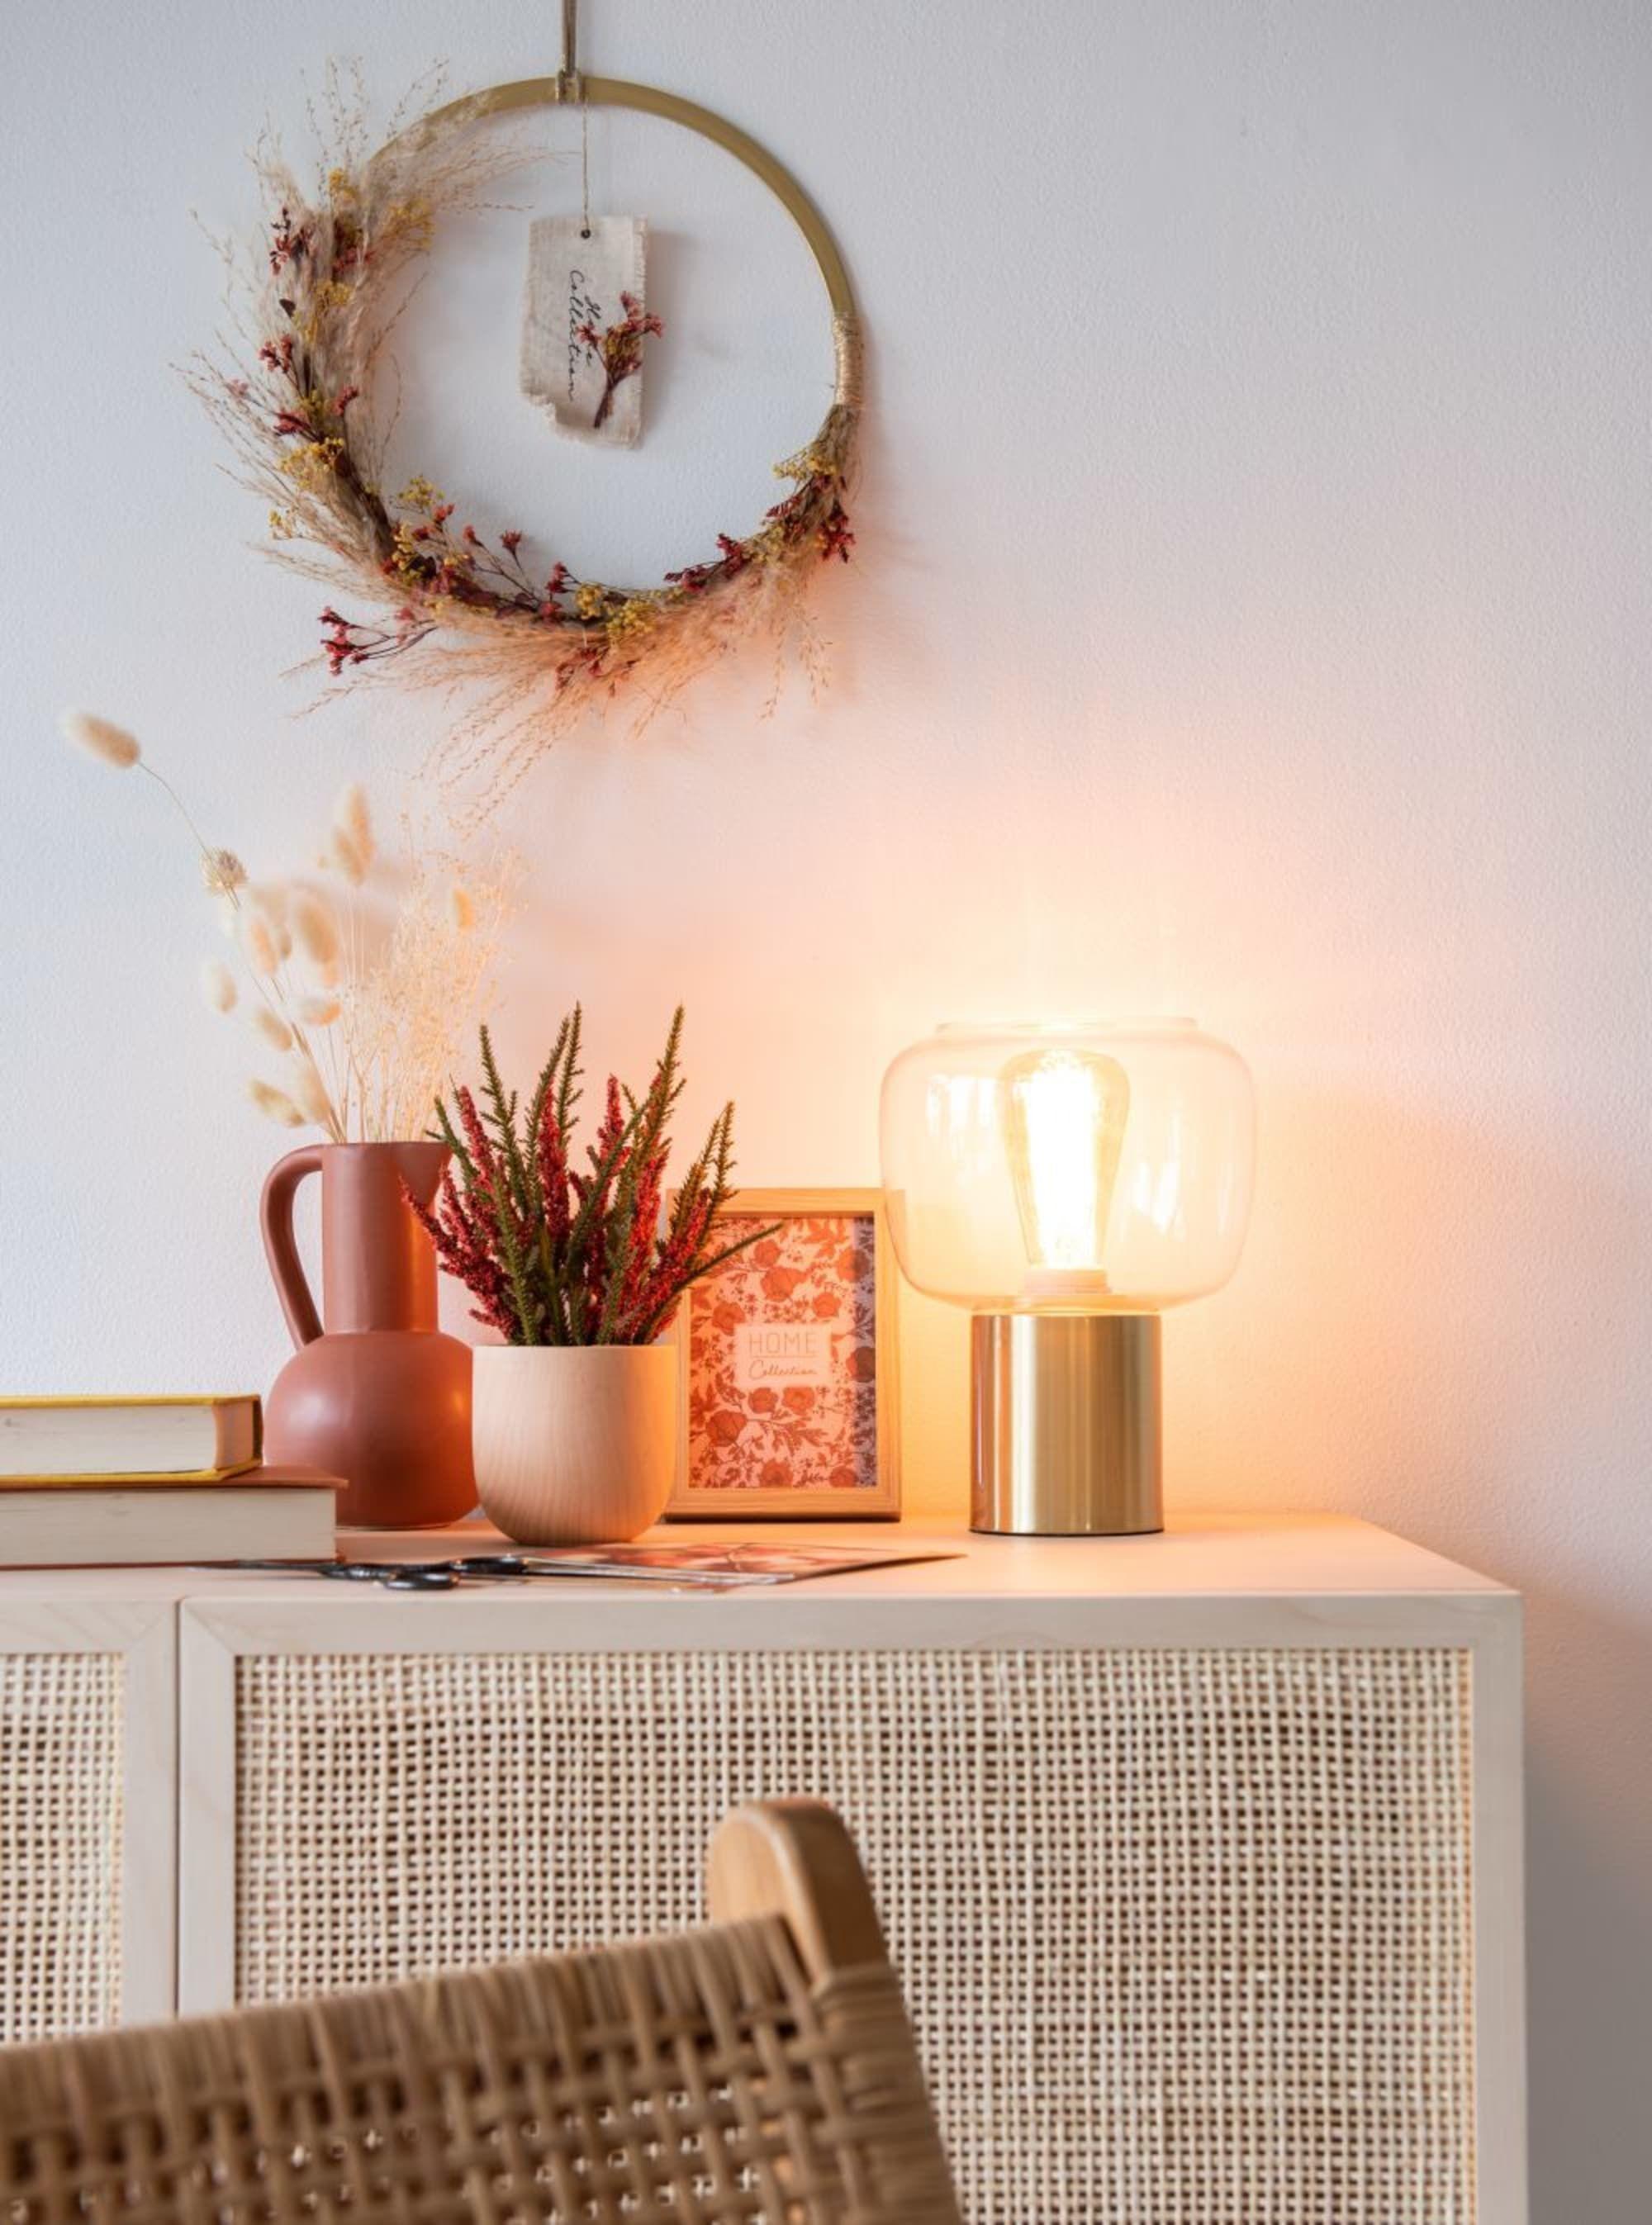 Lampada A Sfera In Metallo Dorato E Vetro Ottawa Maisons Du Monde Lampe Globe Maison Du Monde Cadre Photo